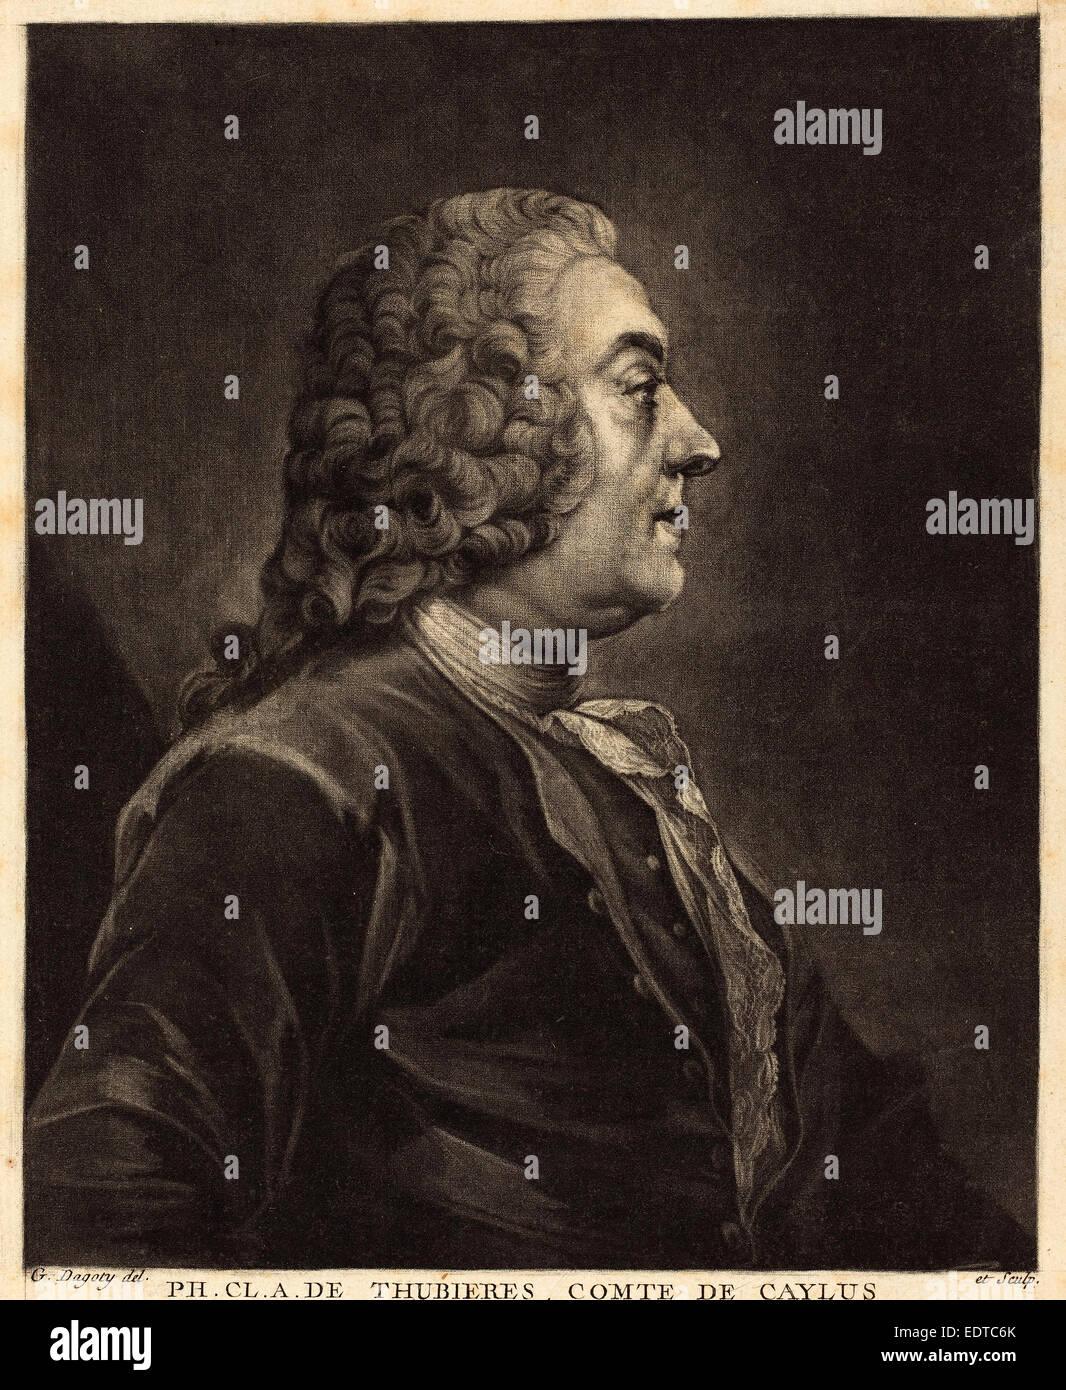 Jean-Baptiste-André Gautier Dagoty (French, 1740 - 1786), Ph. Cl. A. de Thubières, Comte de Caylus, c. - Stock Image